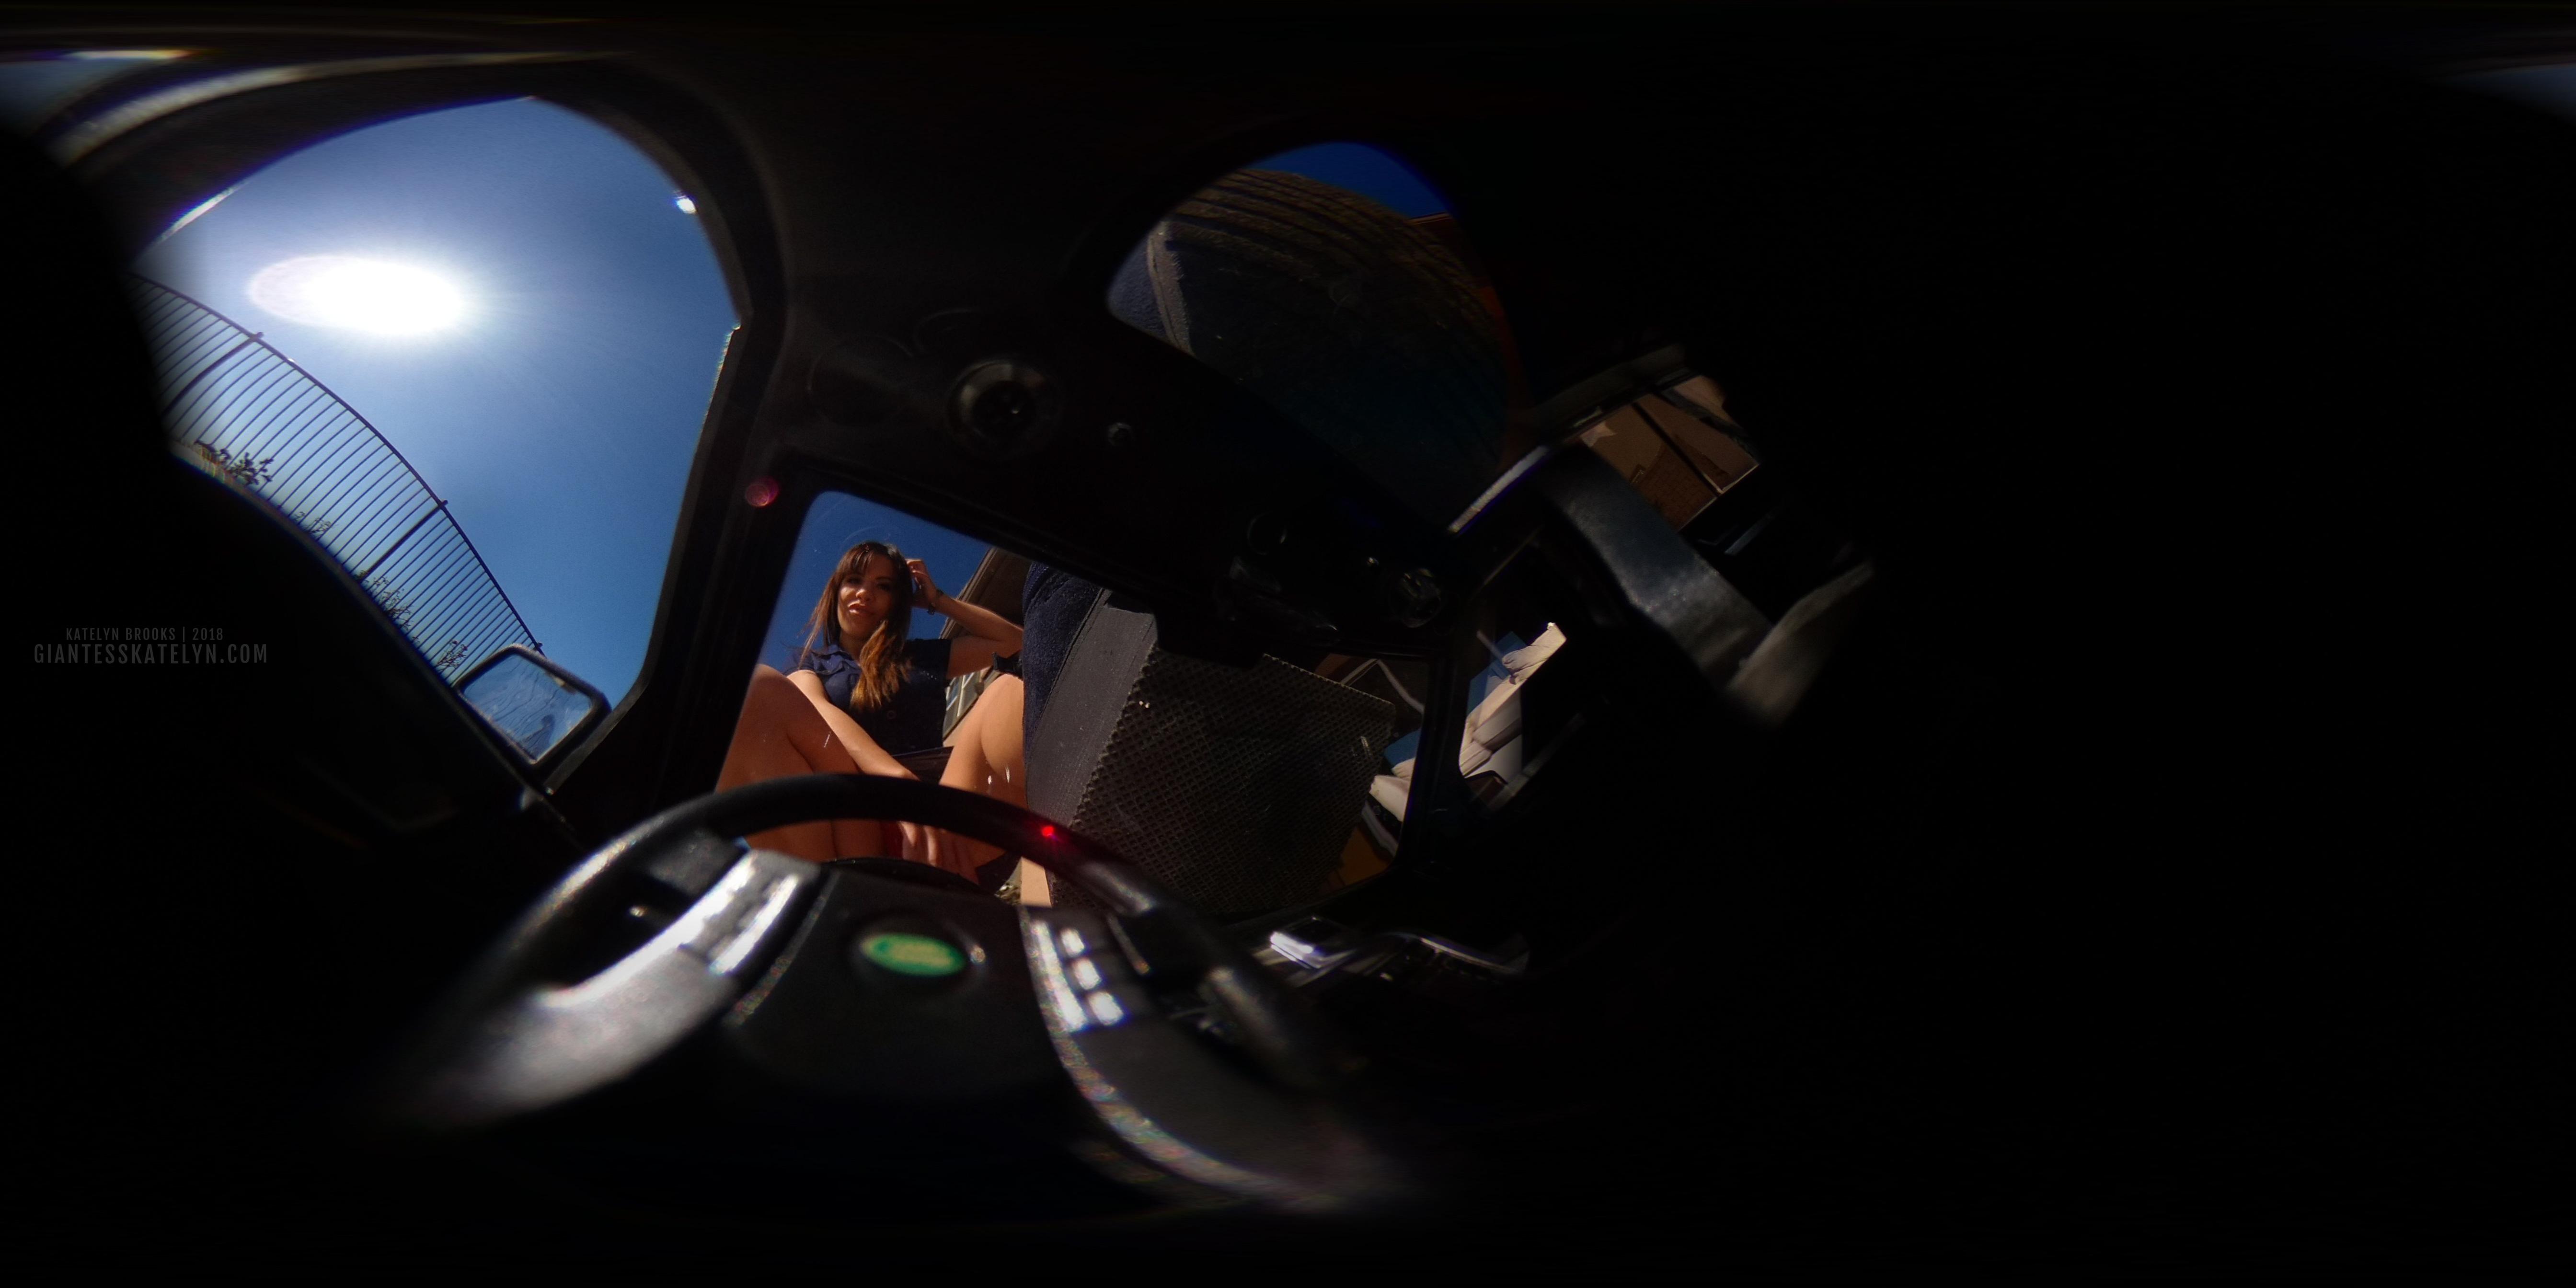 360-4k-vr-shrunken-man-pov-inside-car-12